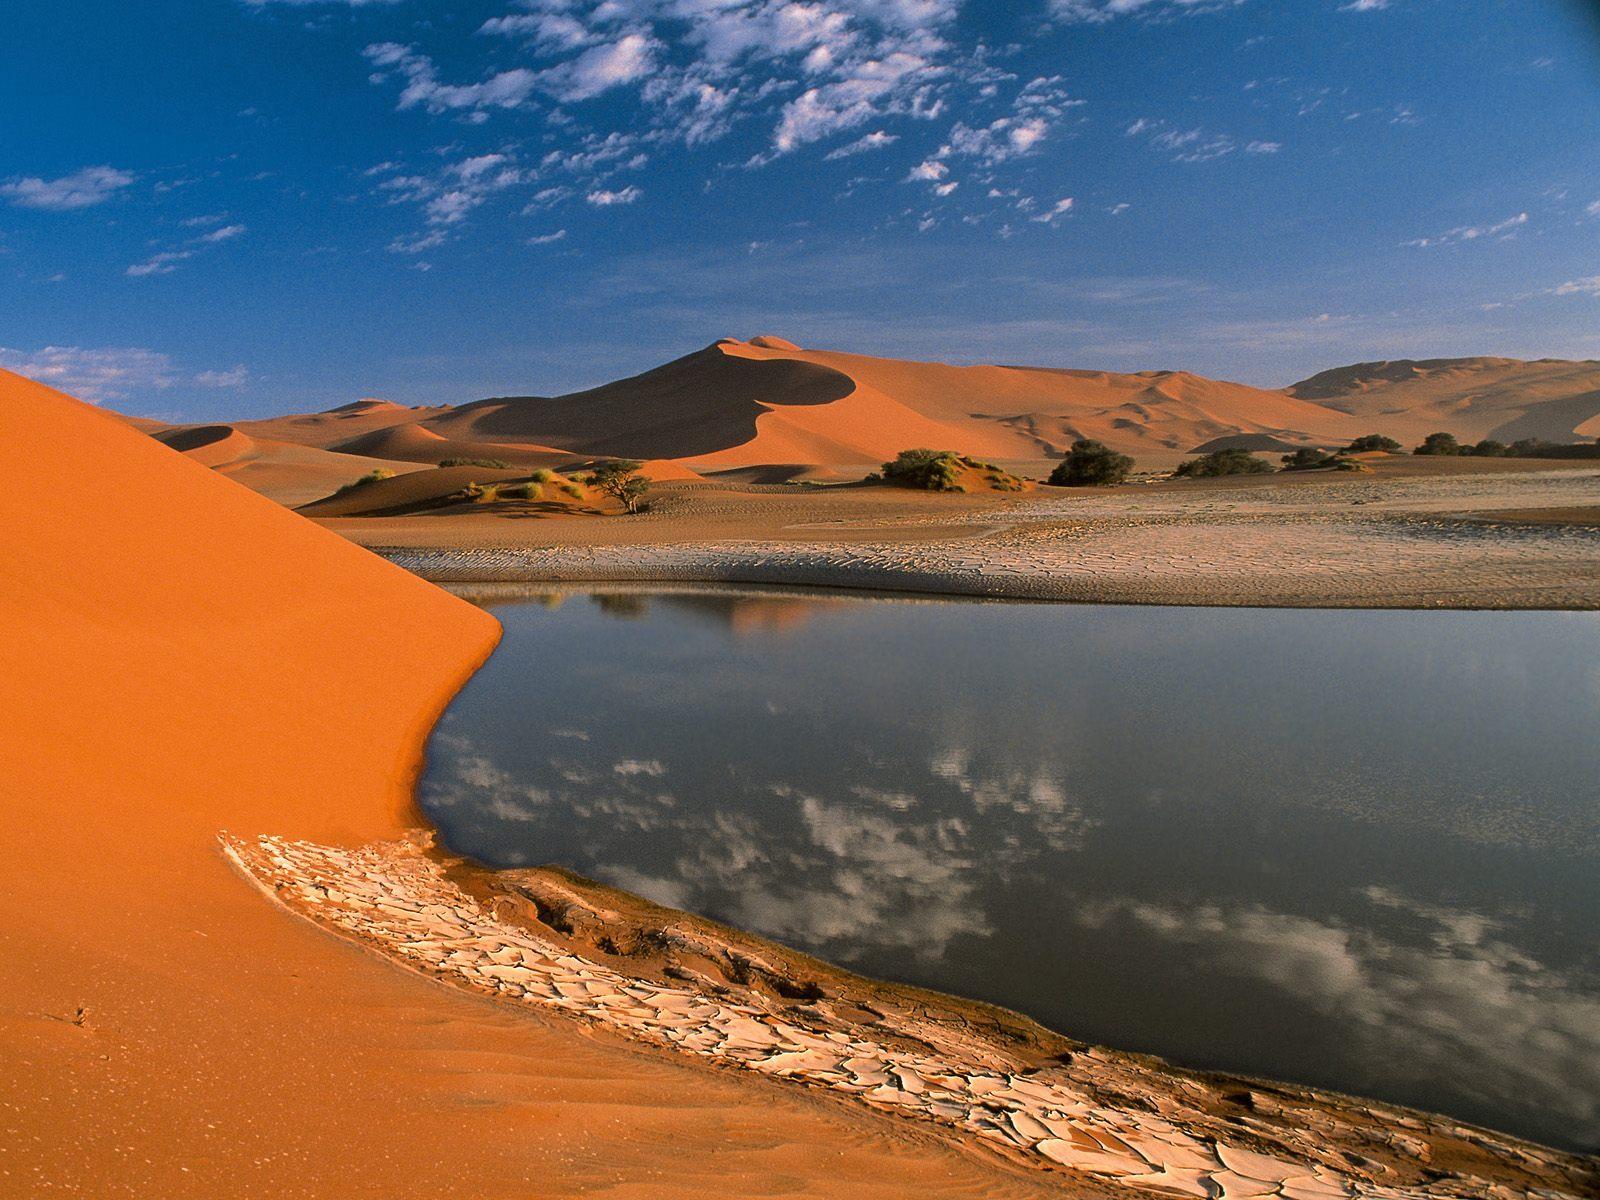 12174 скачать обои Пейзаж, Река, Песок, Пустыня - заставки и картинки бесплатно